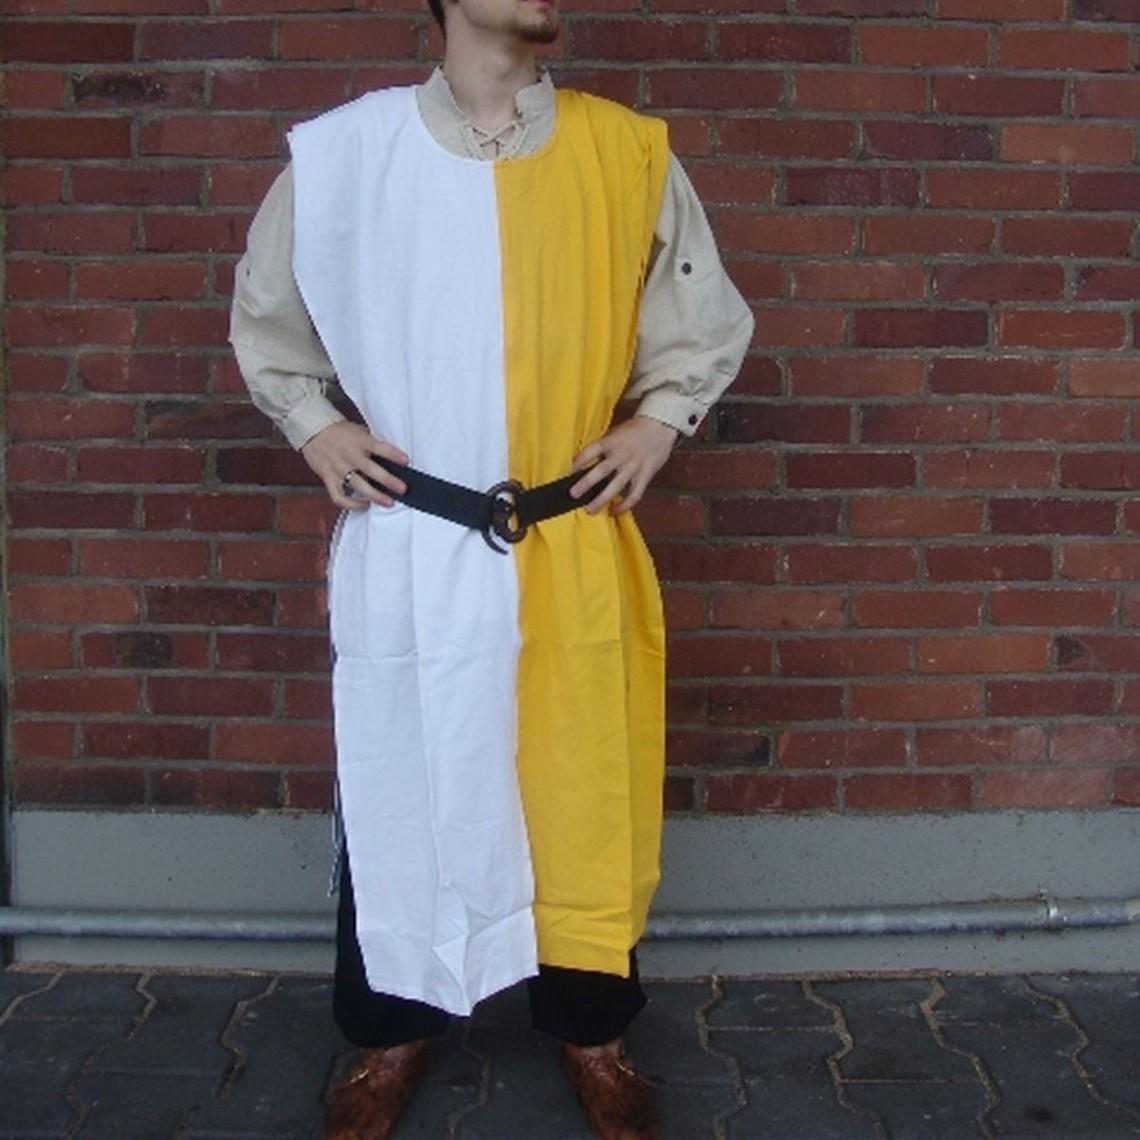 Leonardo Carbone Sopravveste uomo, bianco-giallo